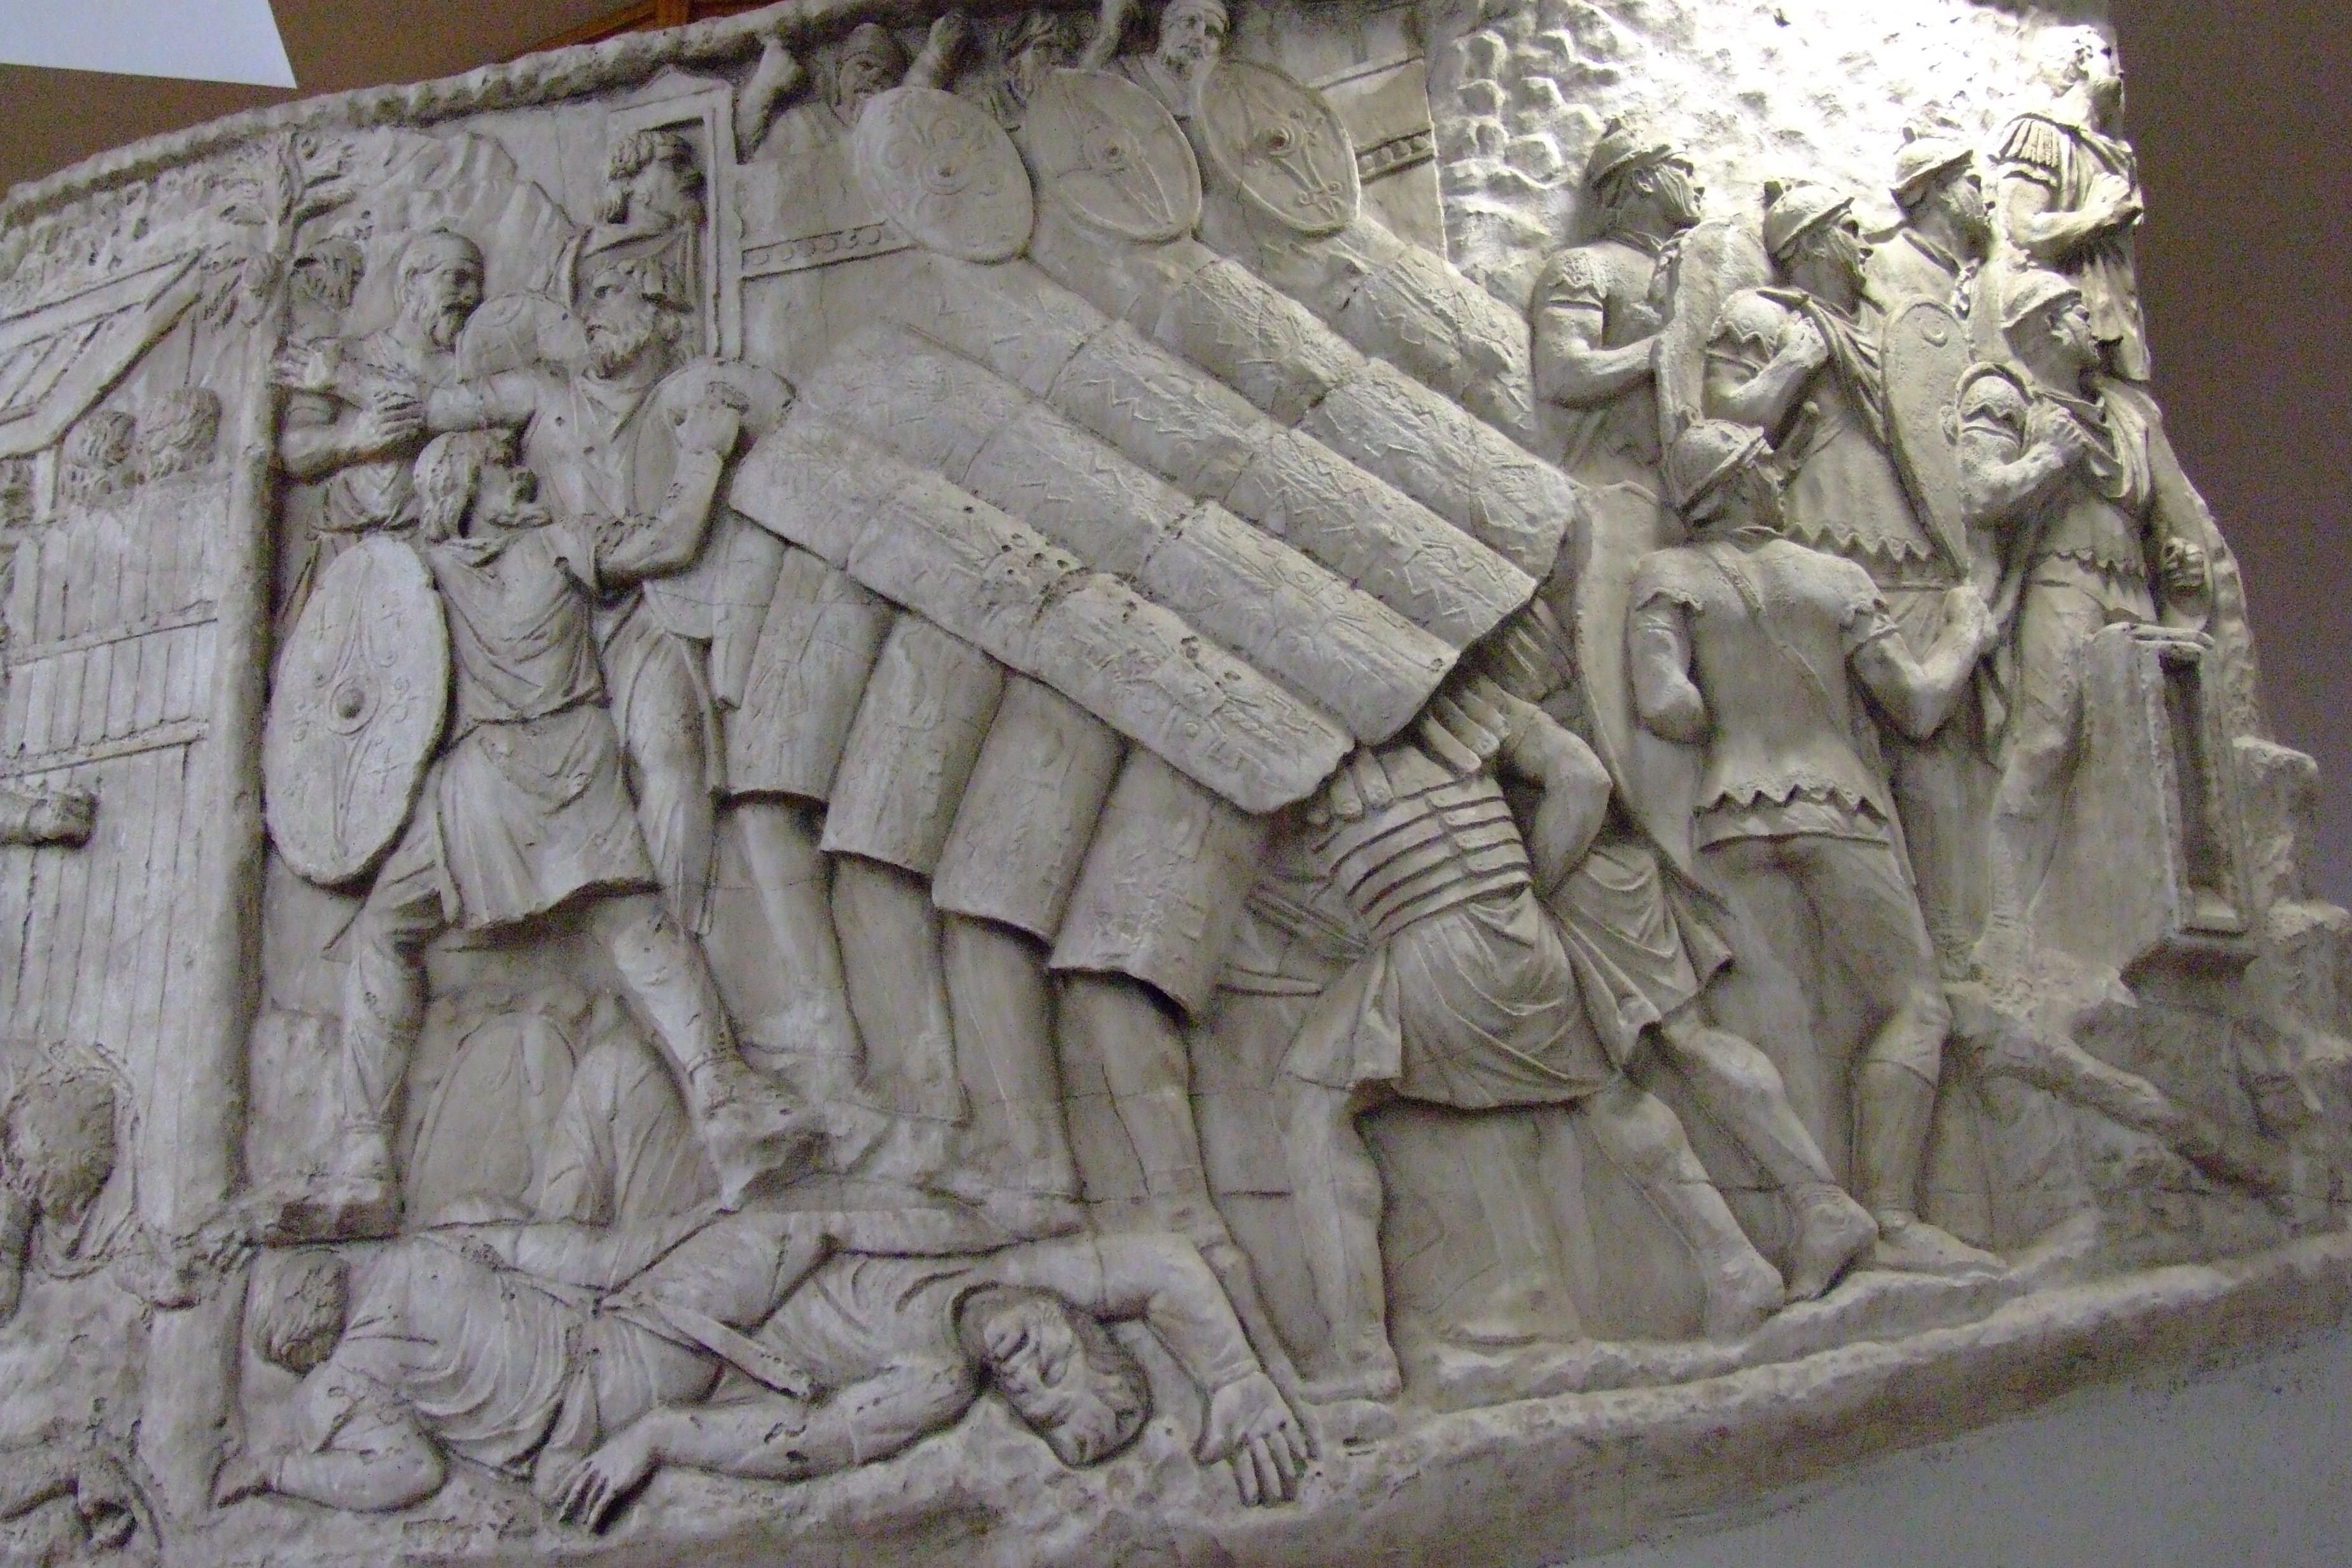 Schildkrötenformation aus dem alten Rom. Berühmte Schildkröten auf Villa Amanda der Schildkrötenblog